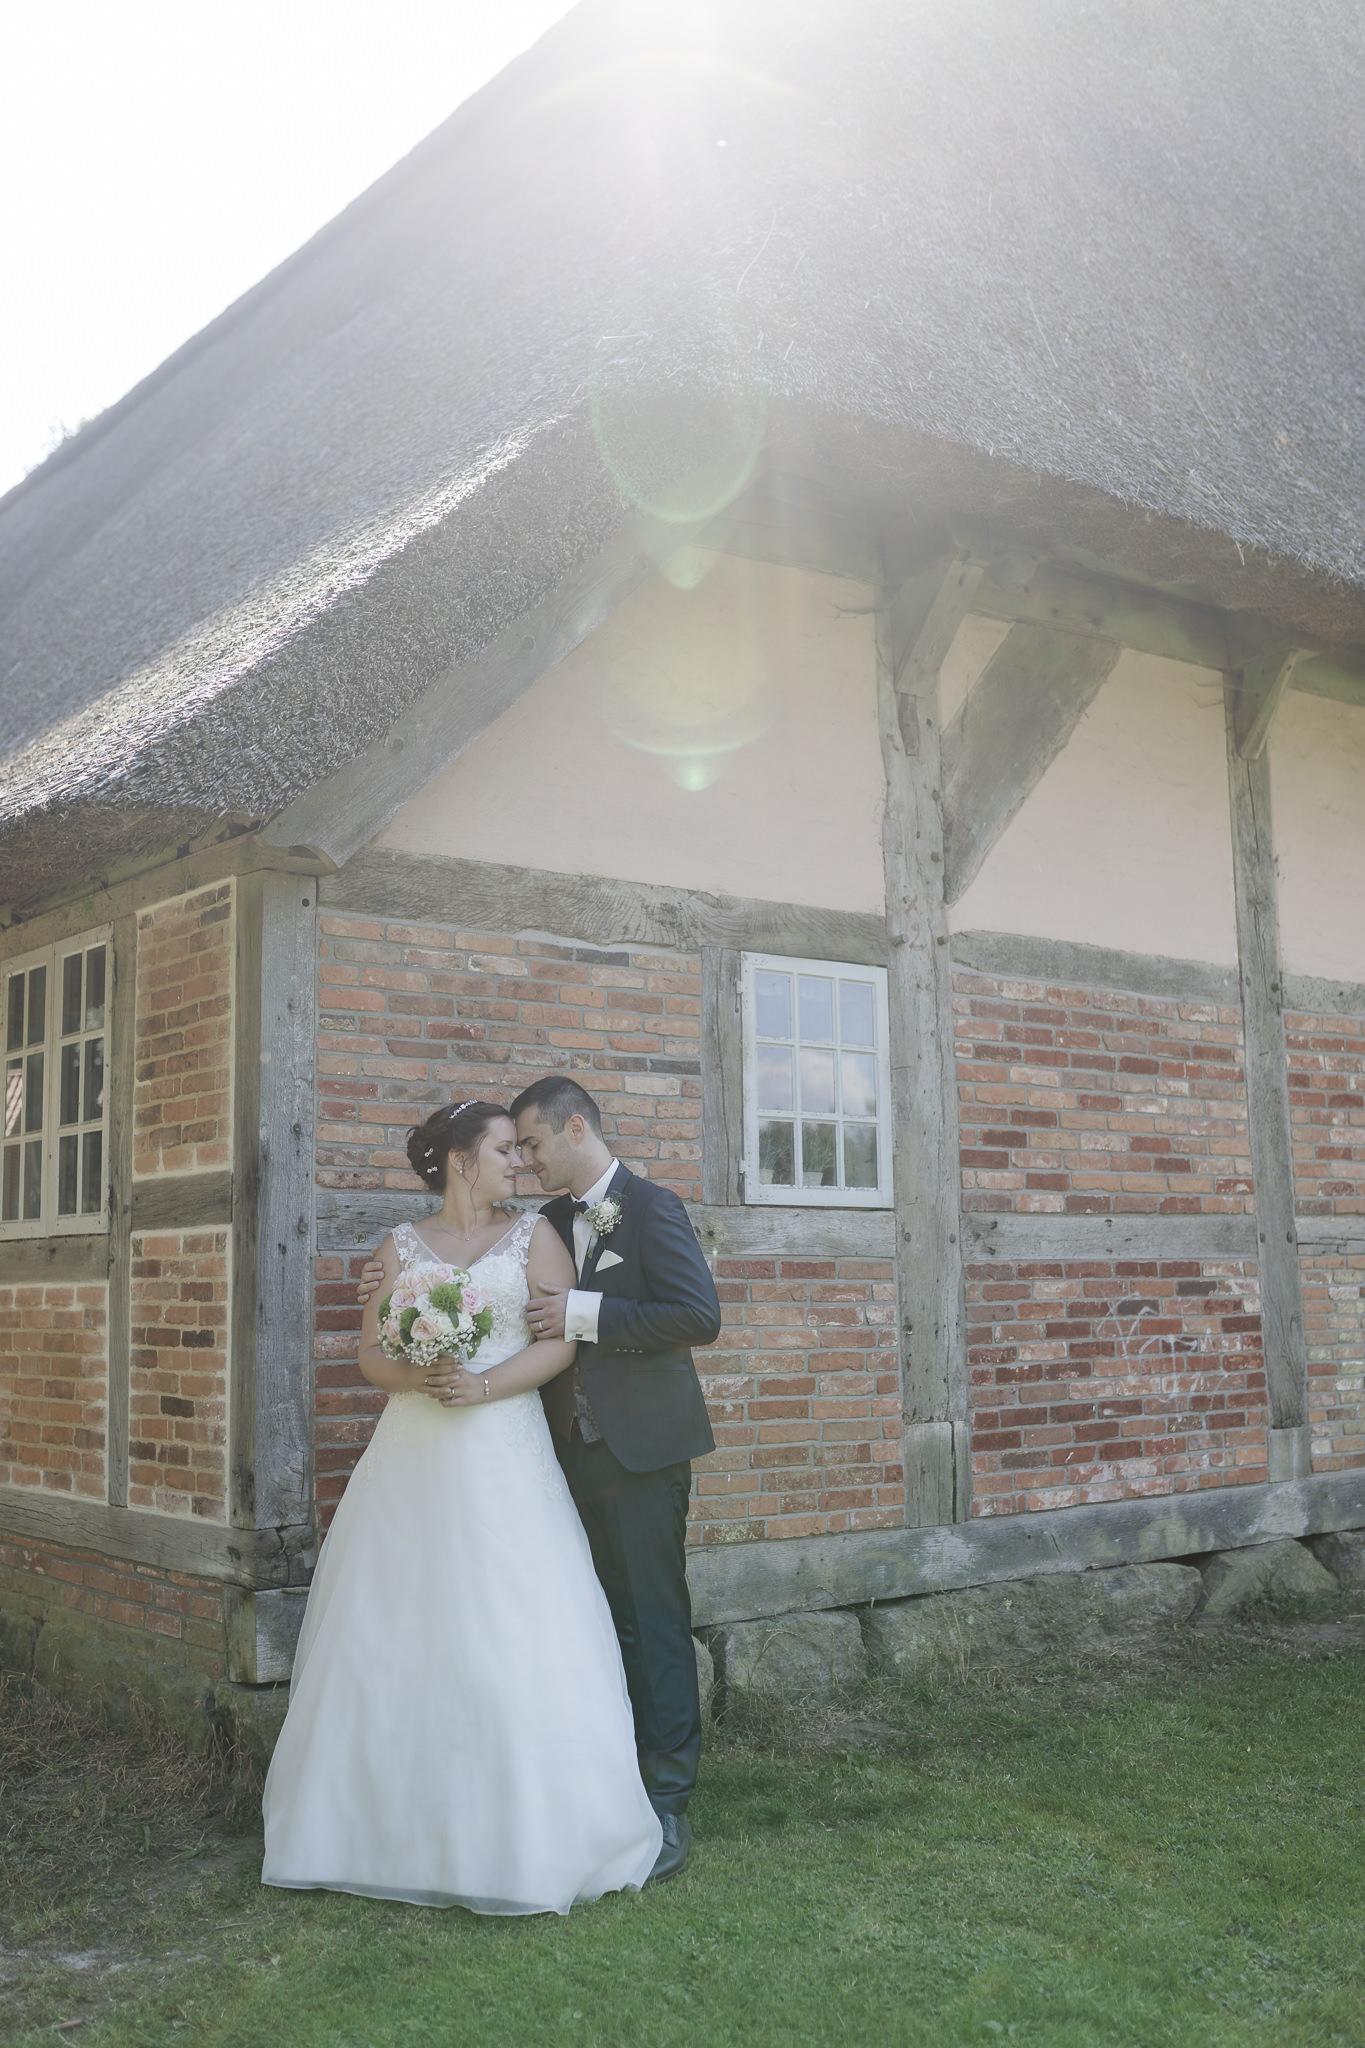 Hochzeitsfotos Buchholz - Paarshooting am Hochzeitstag hinter dem Sniers Hus und die Sonne scheint über das Dach